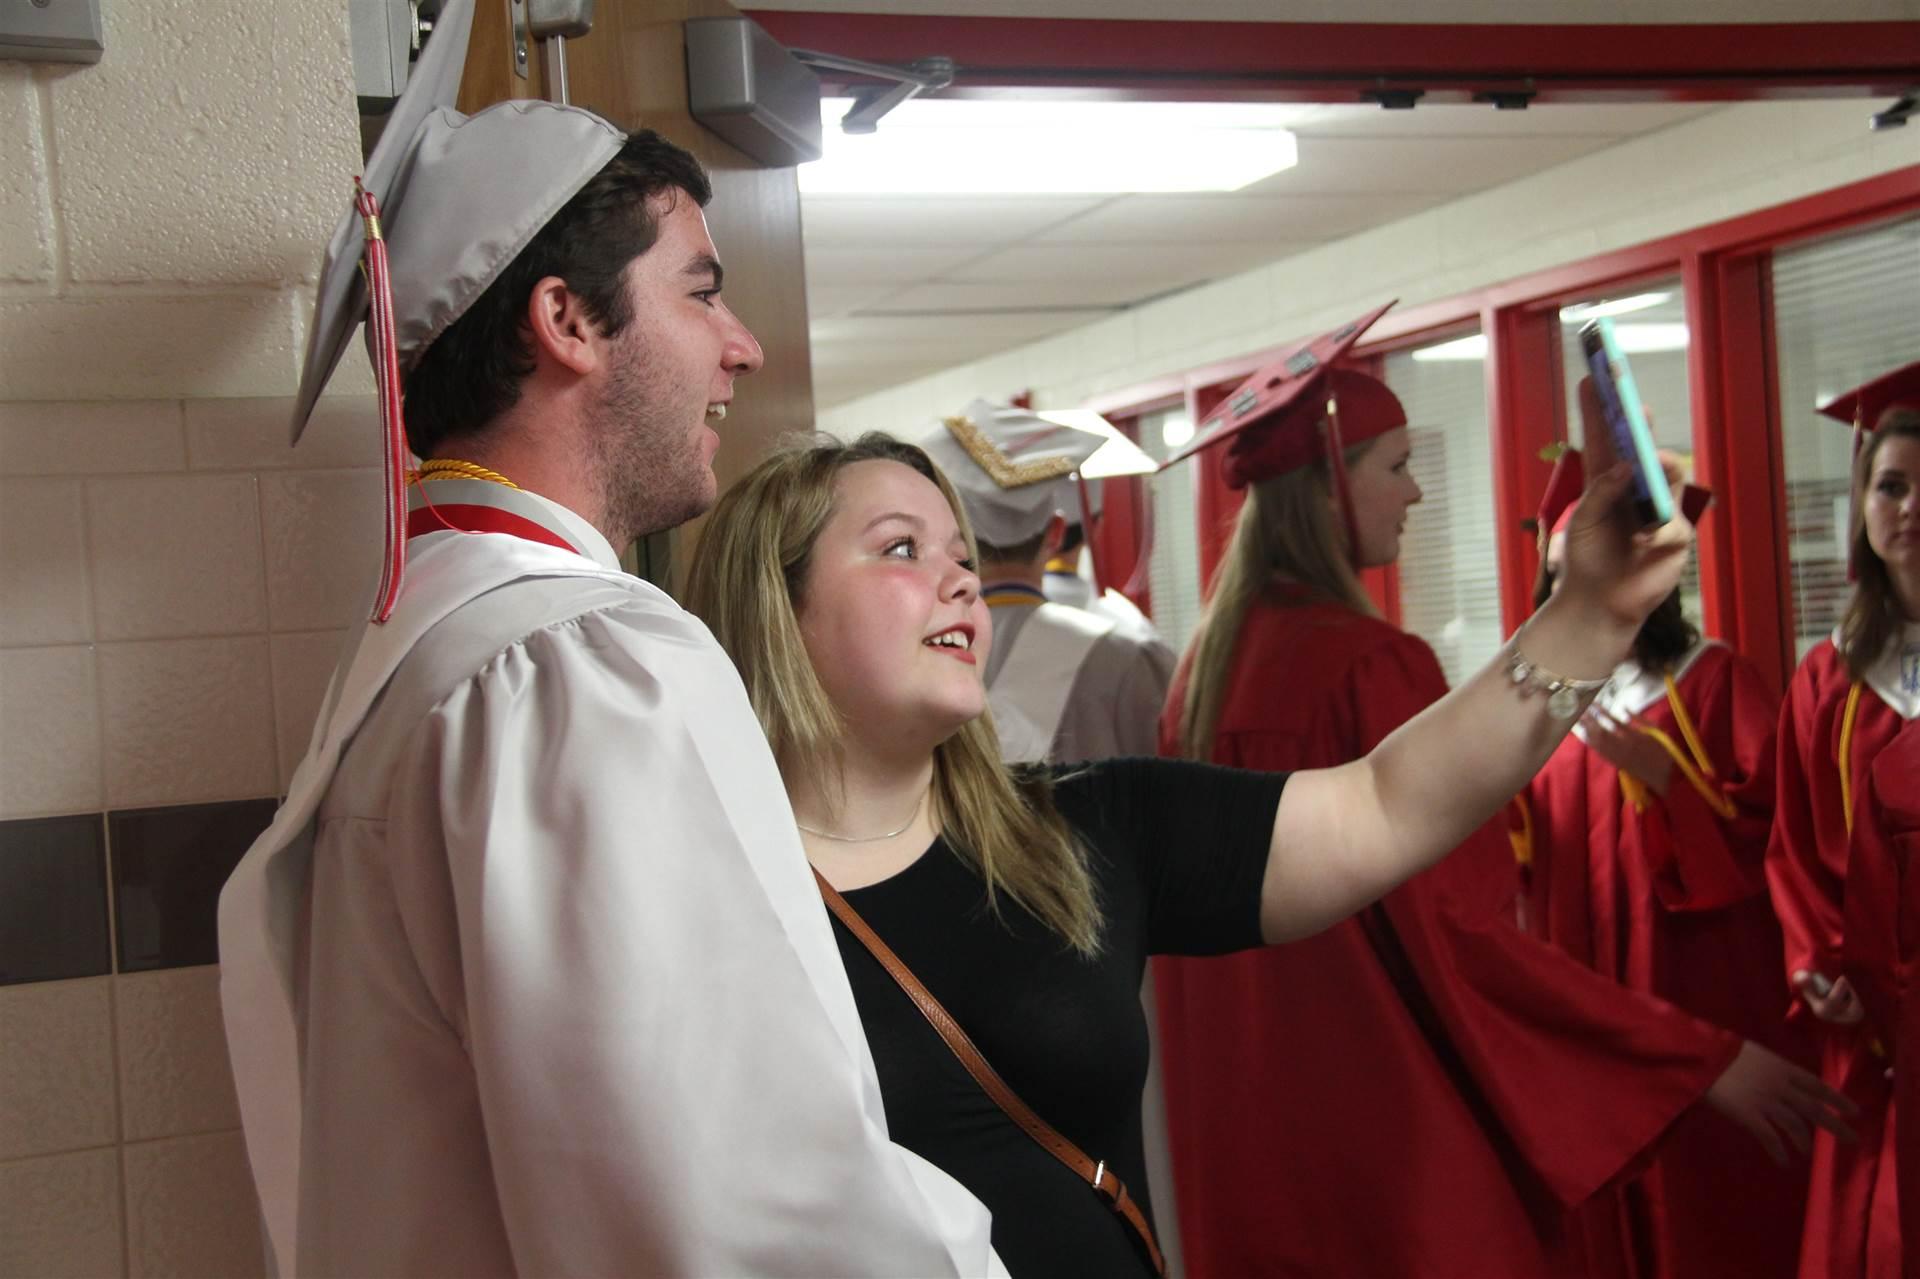 photo 8 from 2017 C V Graduation